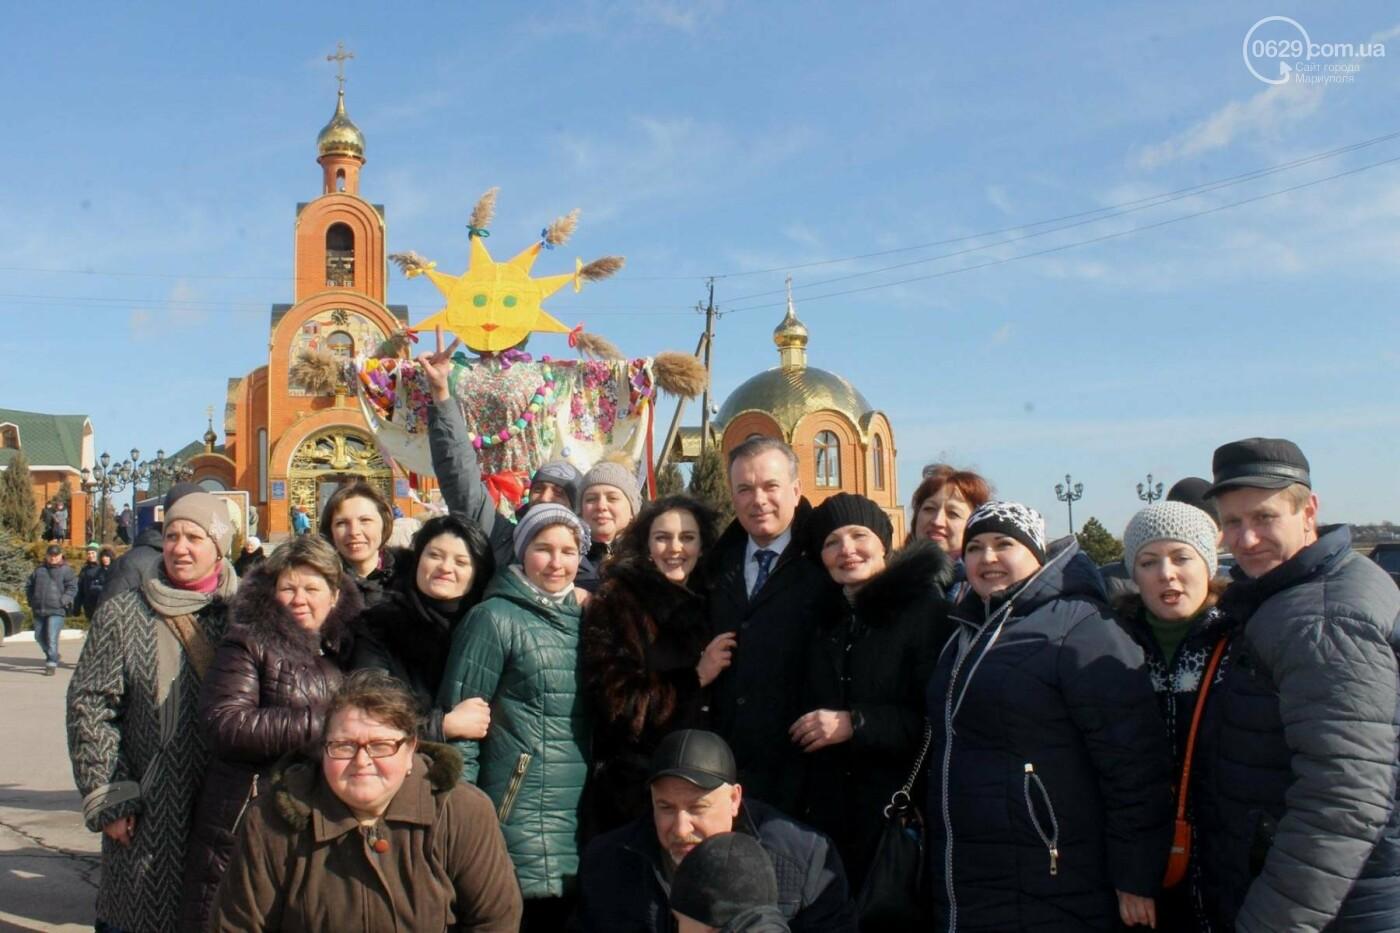 18 февраля в Боевом установят рекорд Украины по выпеканию блинов. Приглашаем на масштабный праздник Масленицы., фото-2